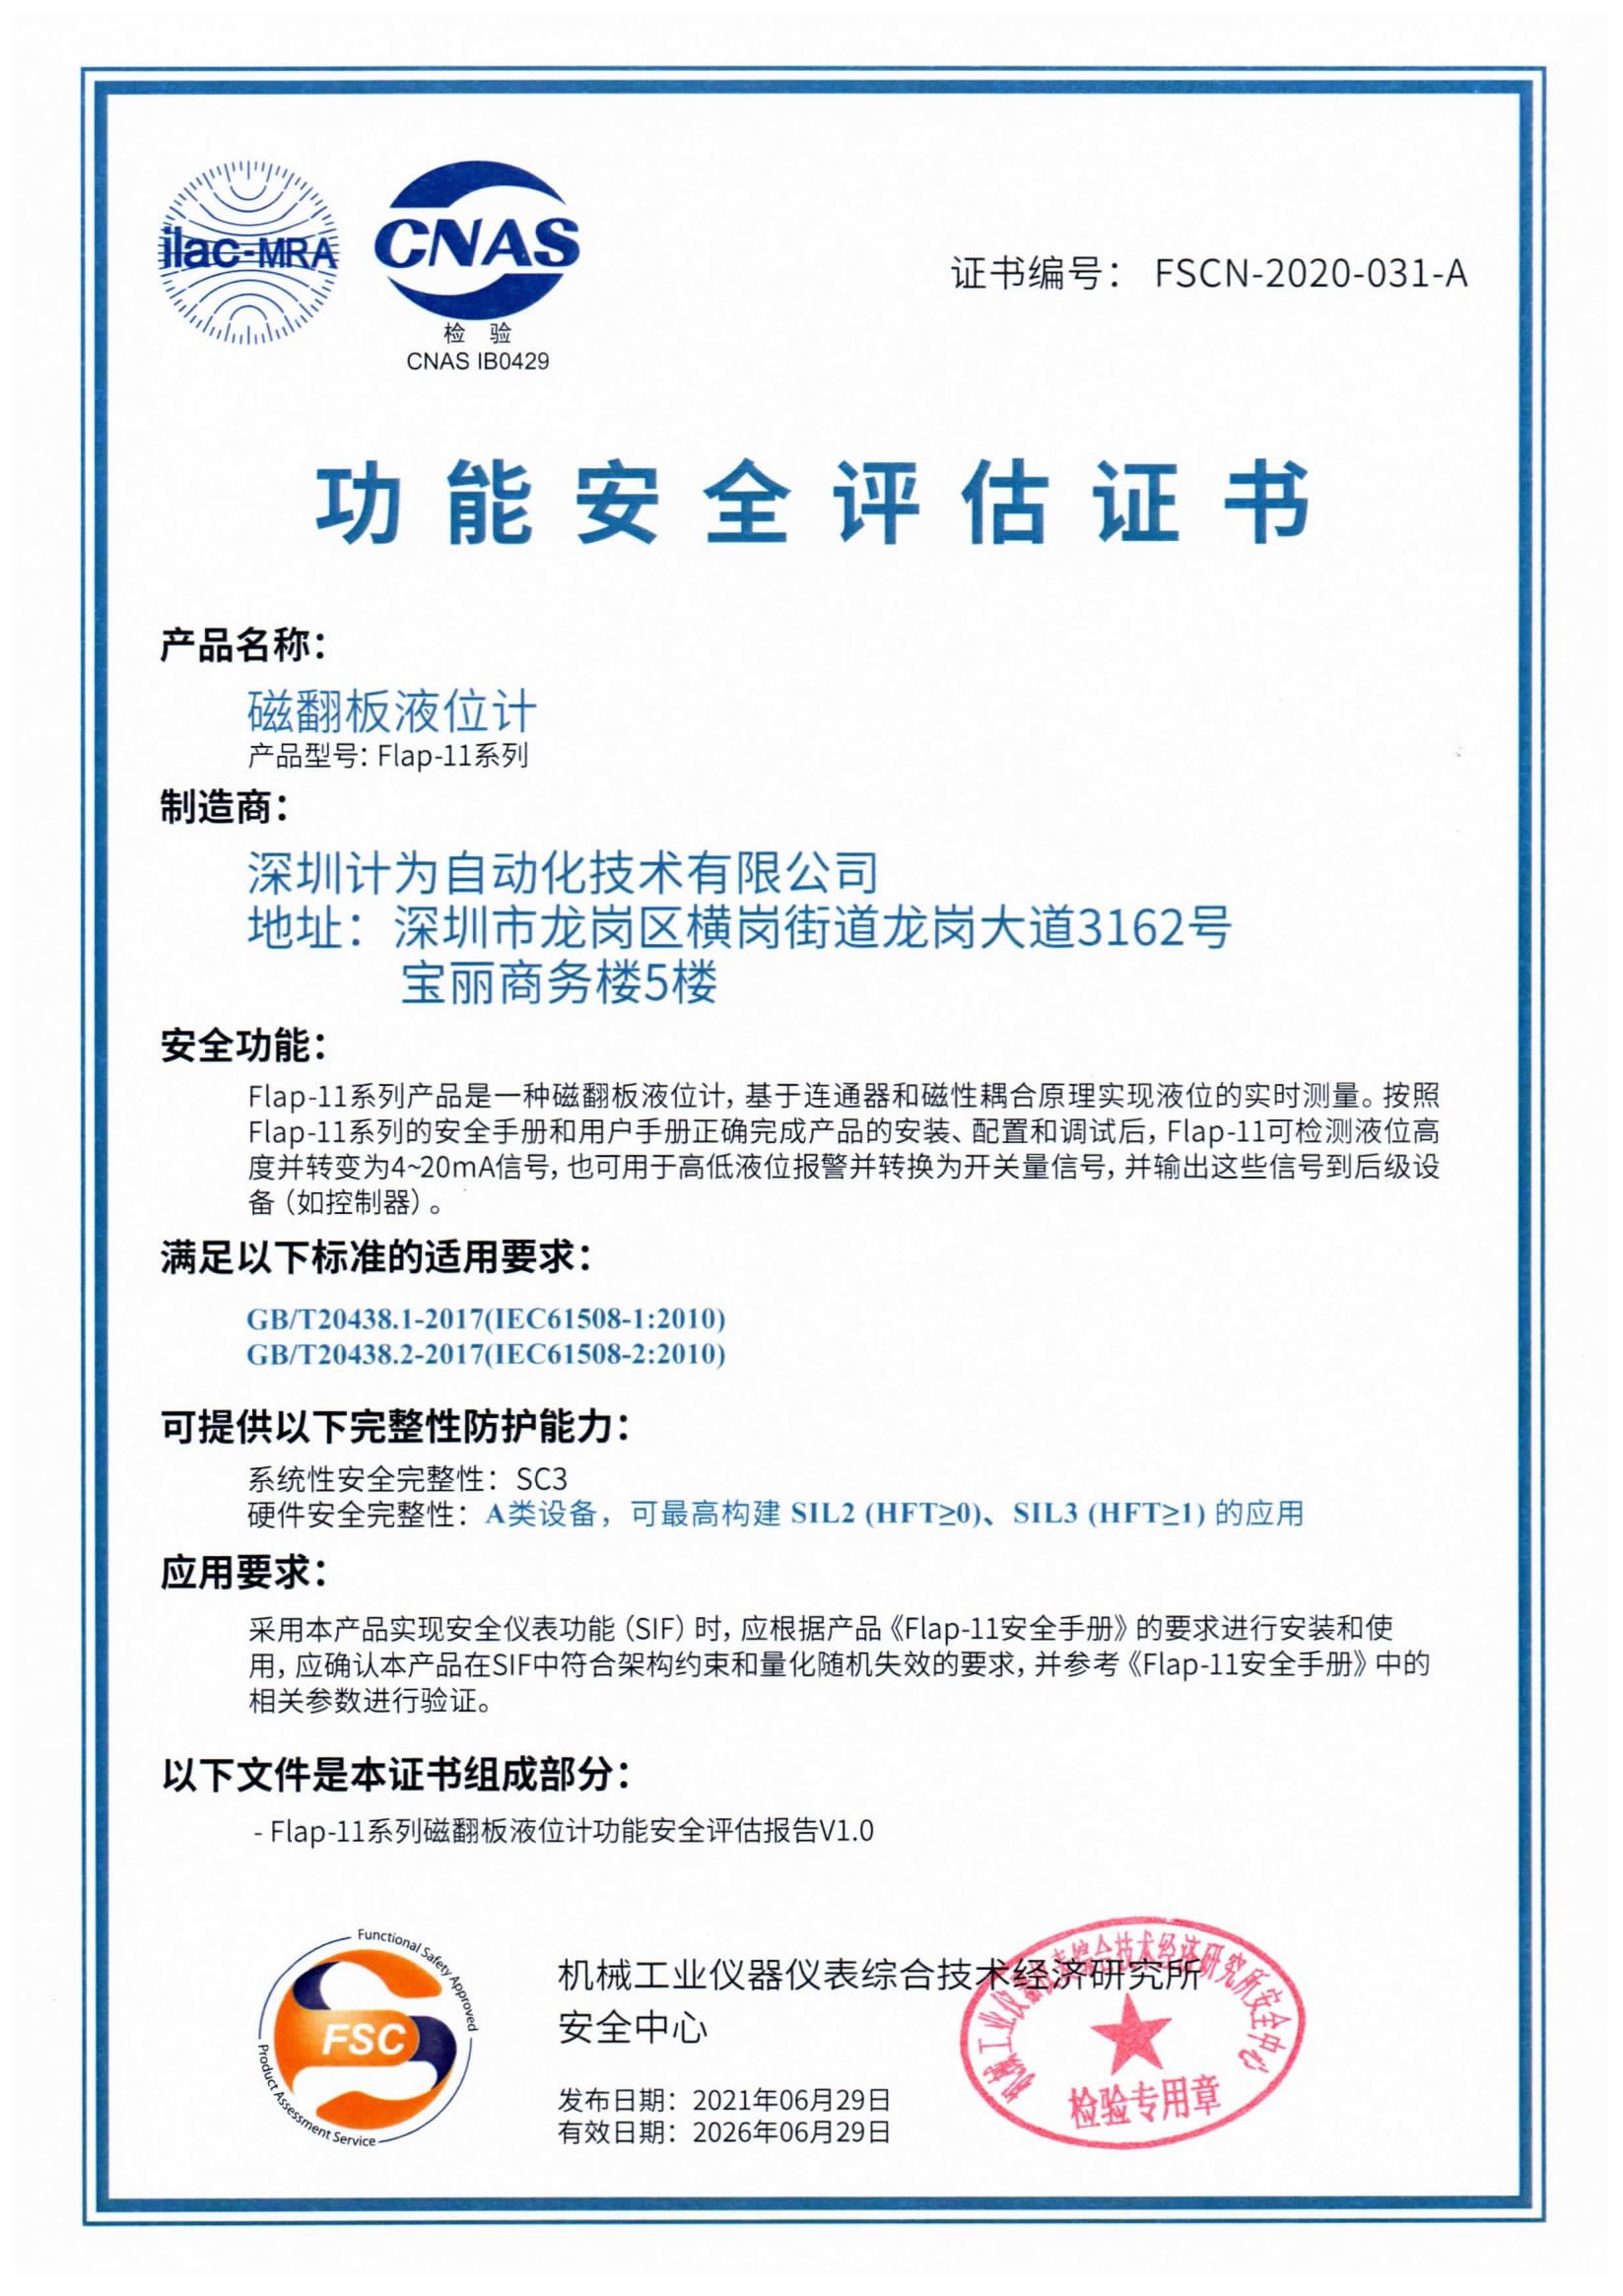 计为磁翻板液位计系列产品通过SIL2/SIL3功能安全评估认证